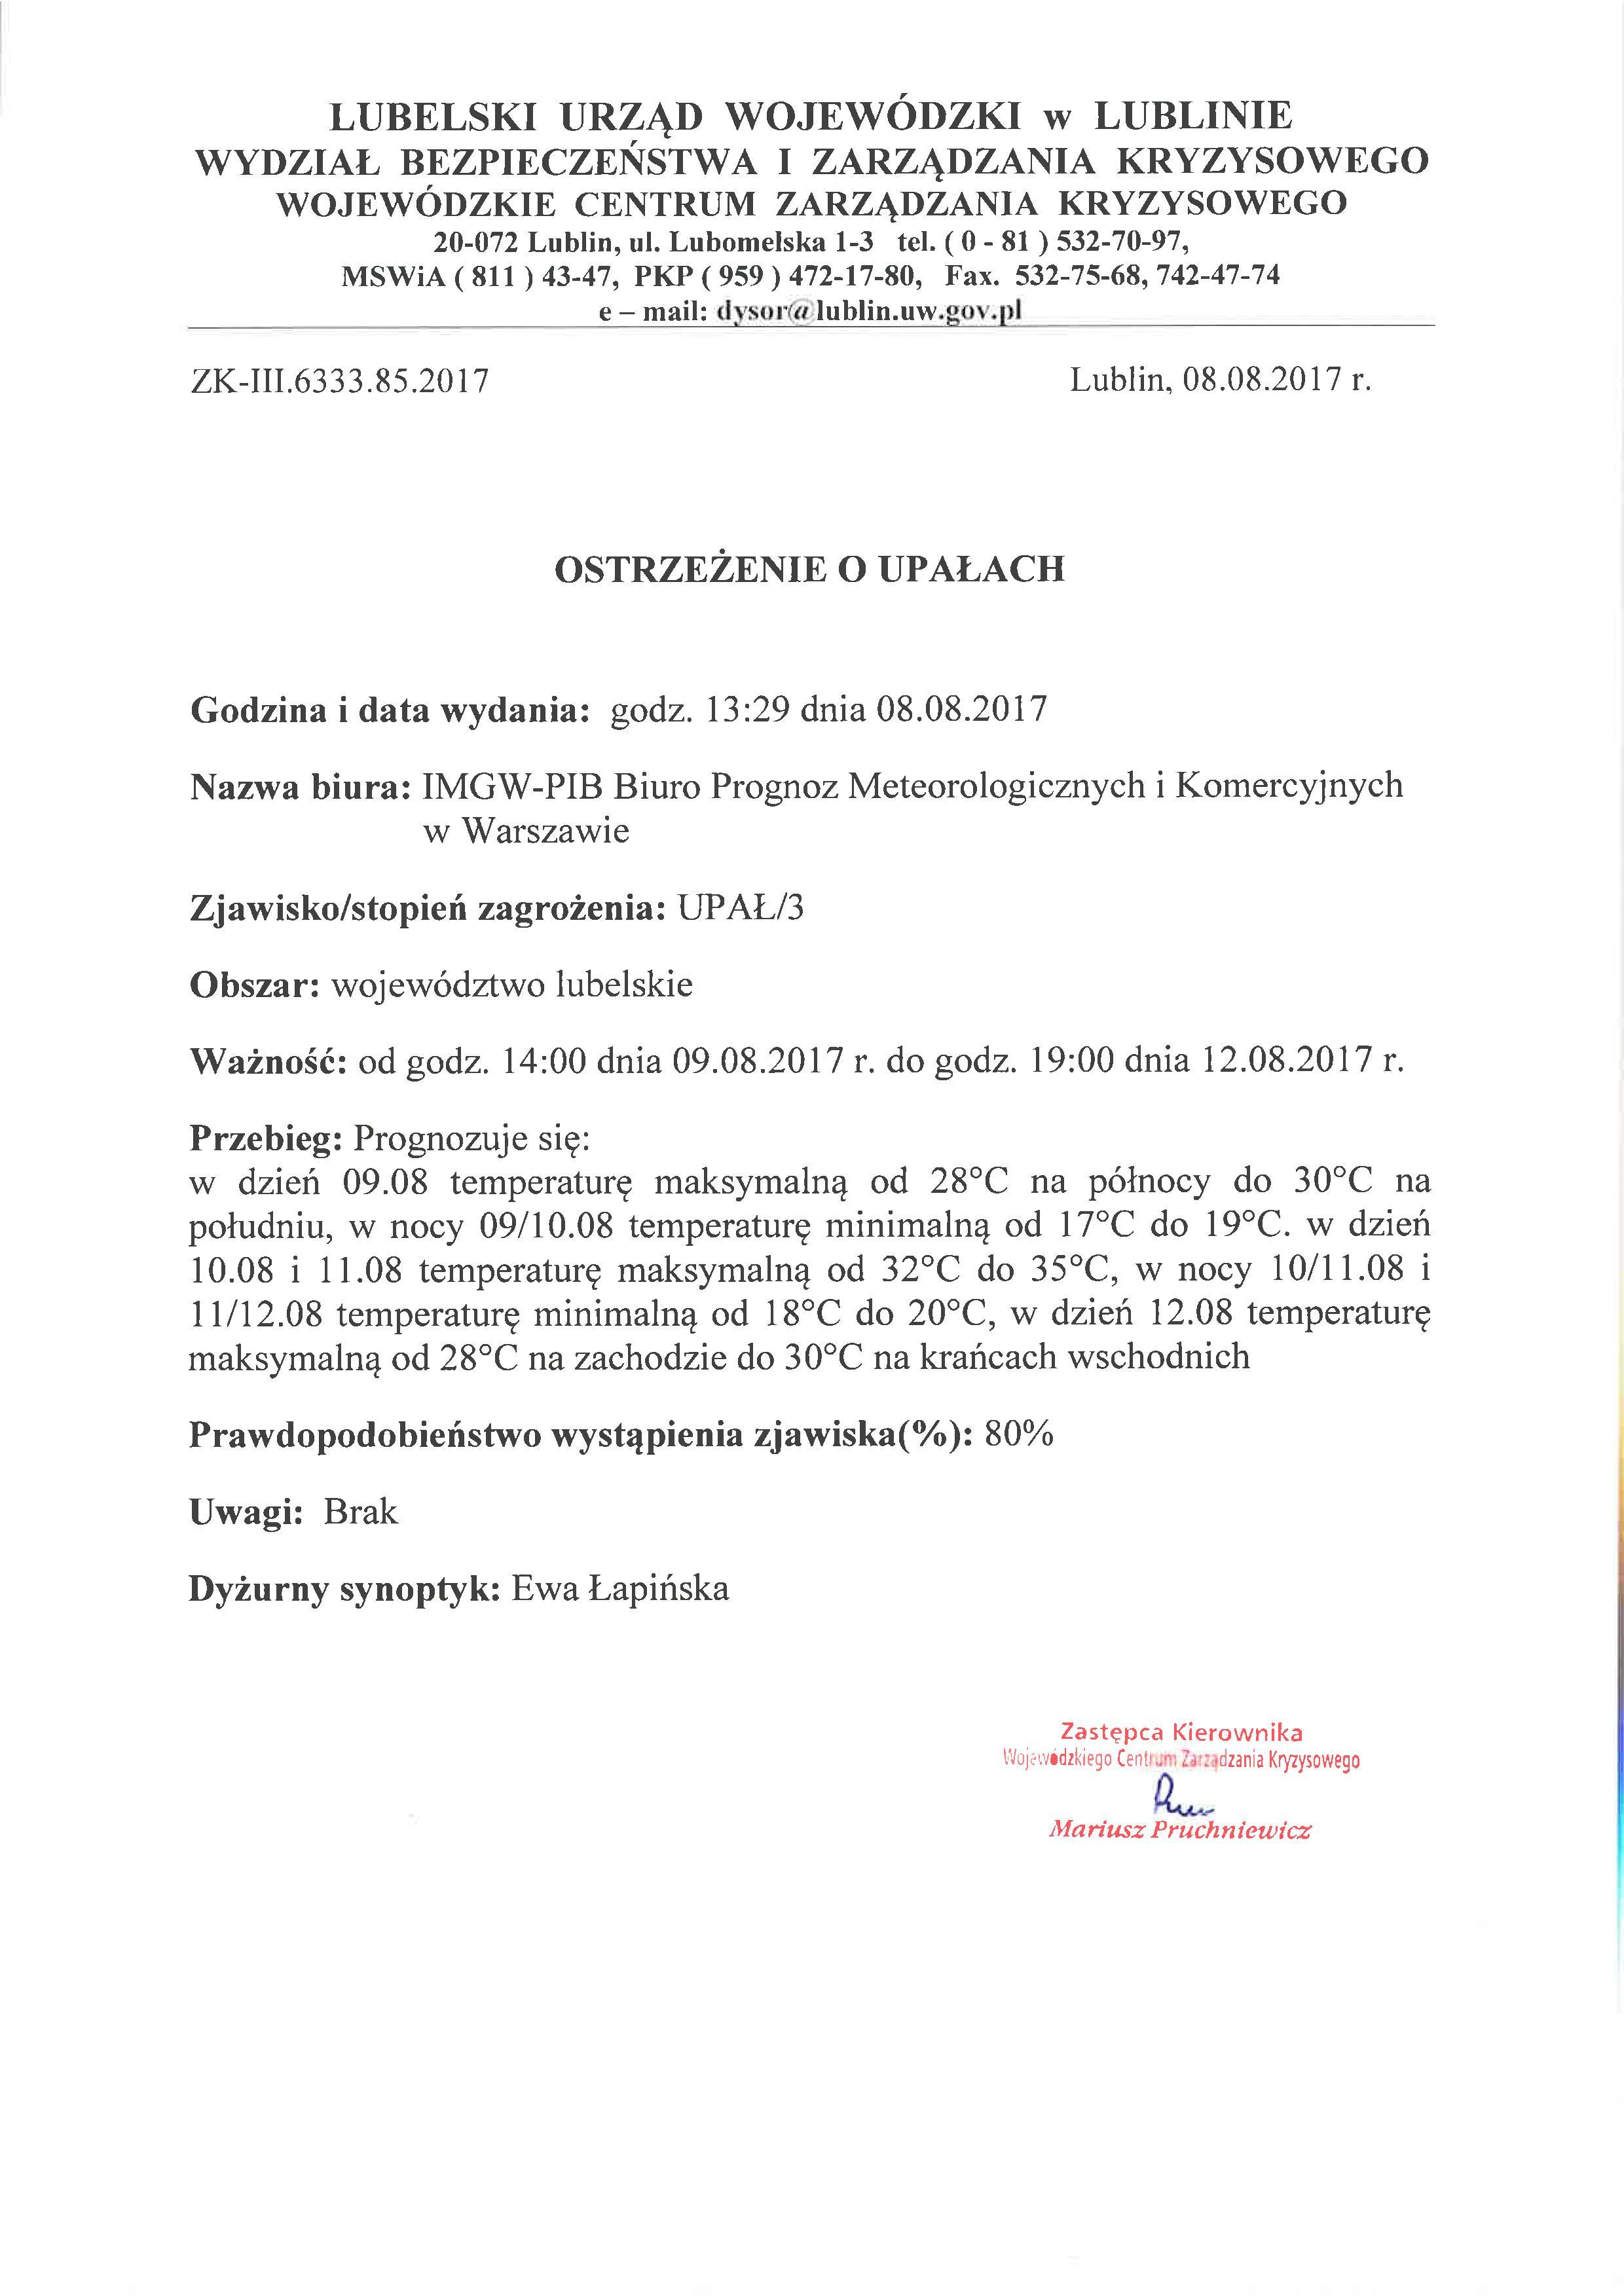 Ostrzeżenie o upałach z dn. 8.08.2017 r.